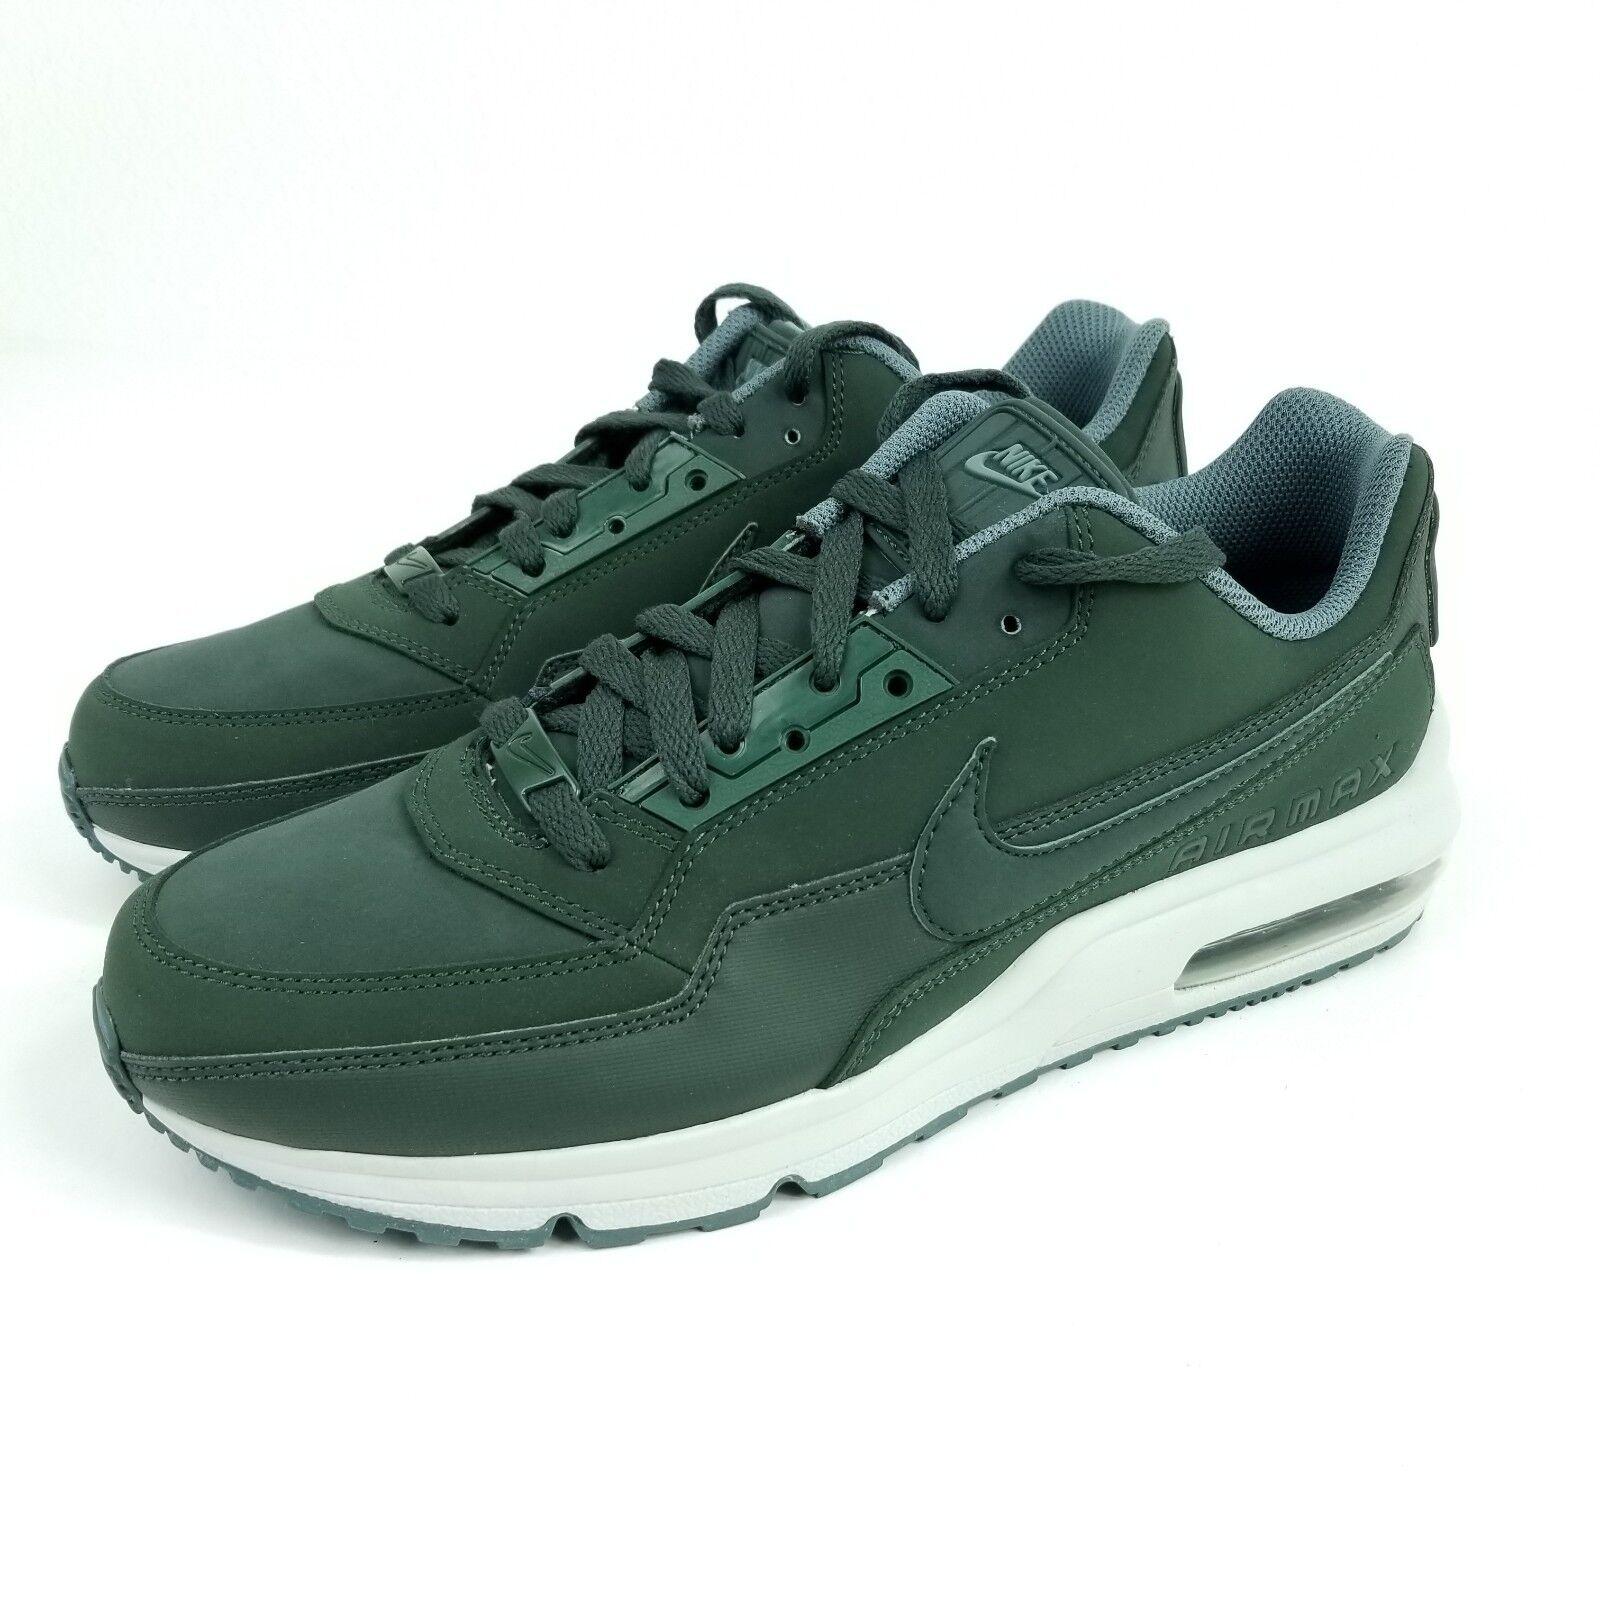 NIKE Air Max LTD 3 Mens Sz 11.5 Running shoes Grove Green 687977 303